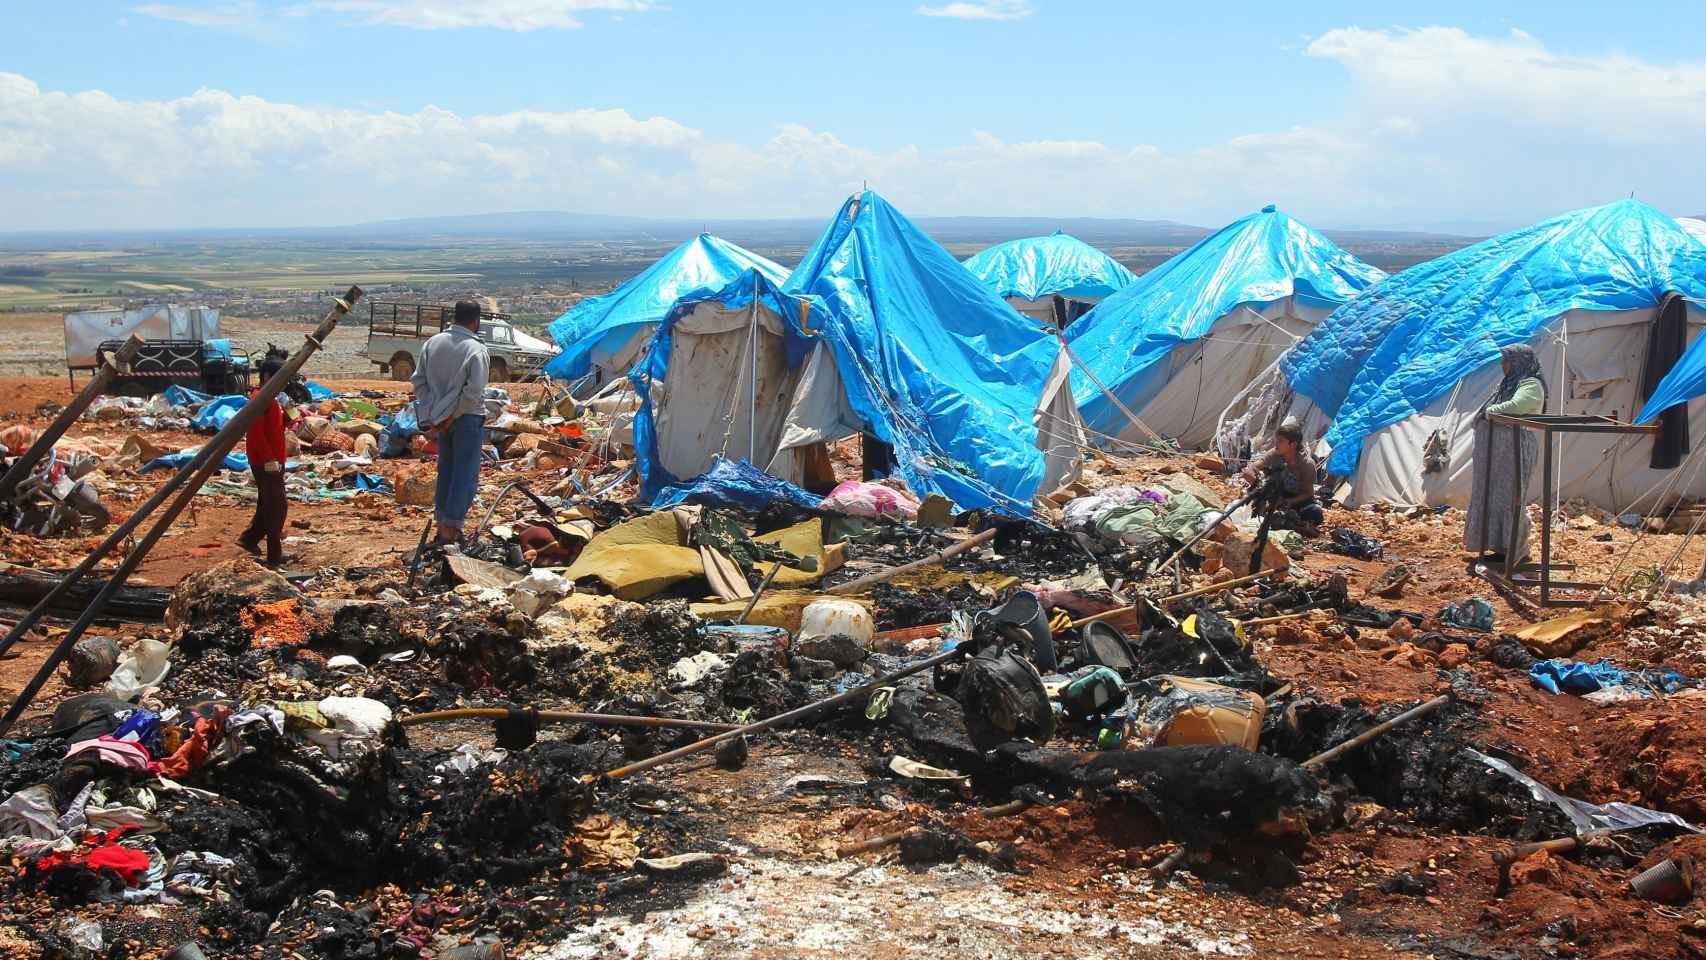 Un campamento de desplazados tras un bombardeo en Siria, en una imagen de archivo.